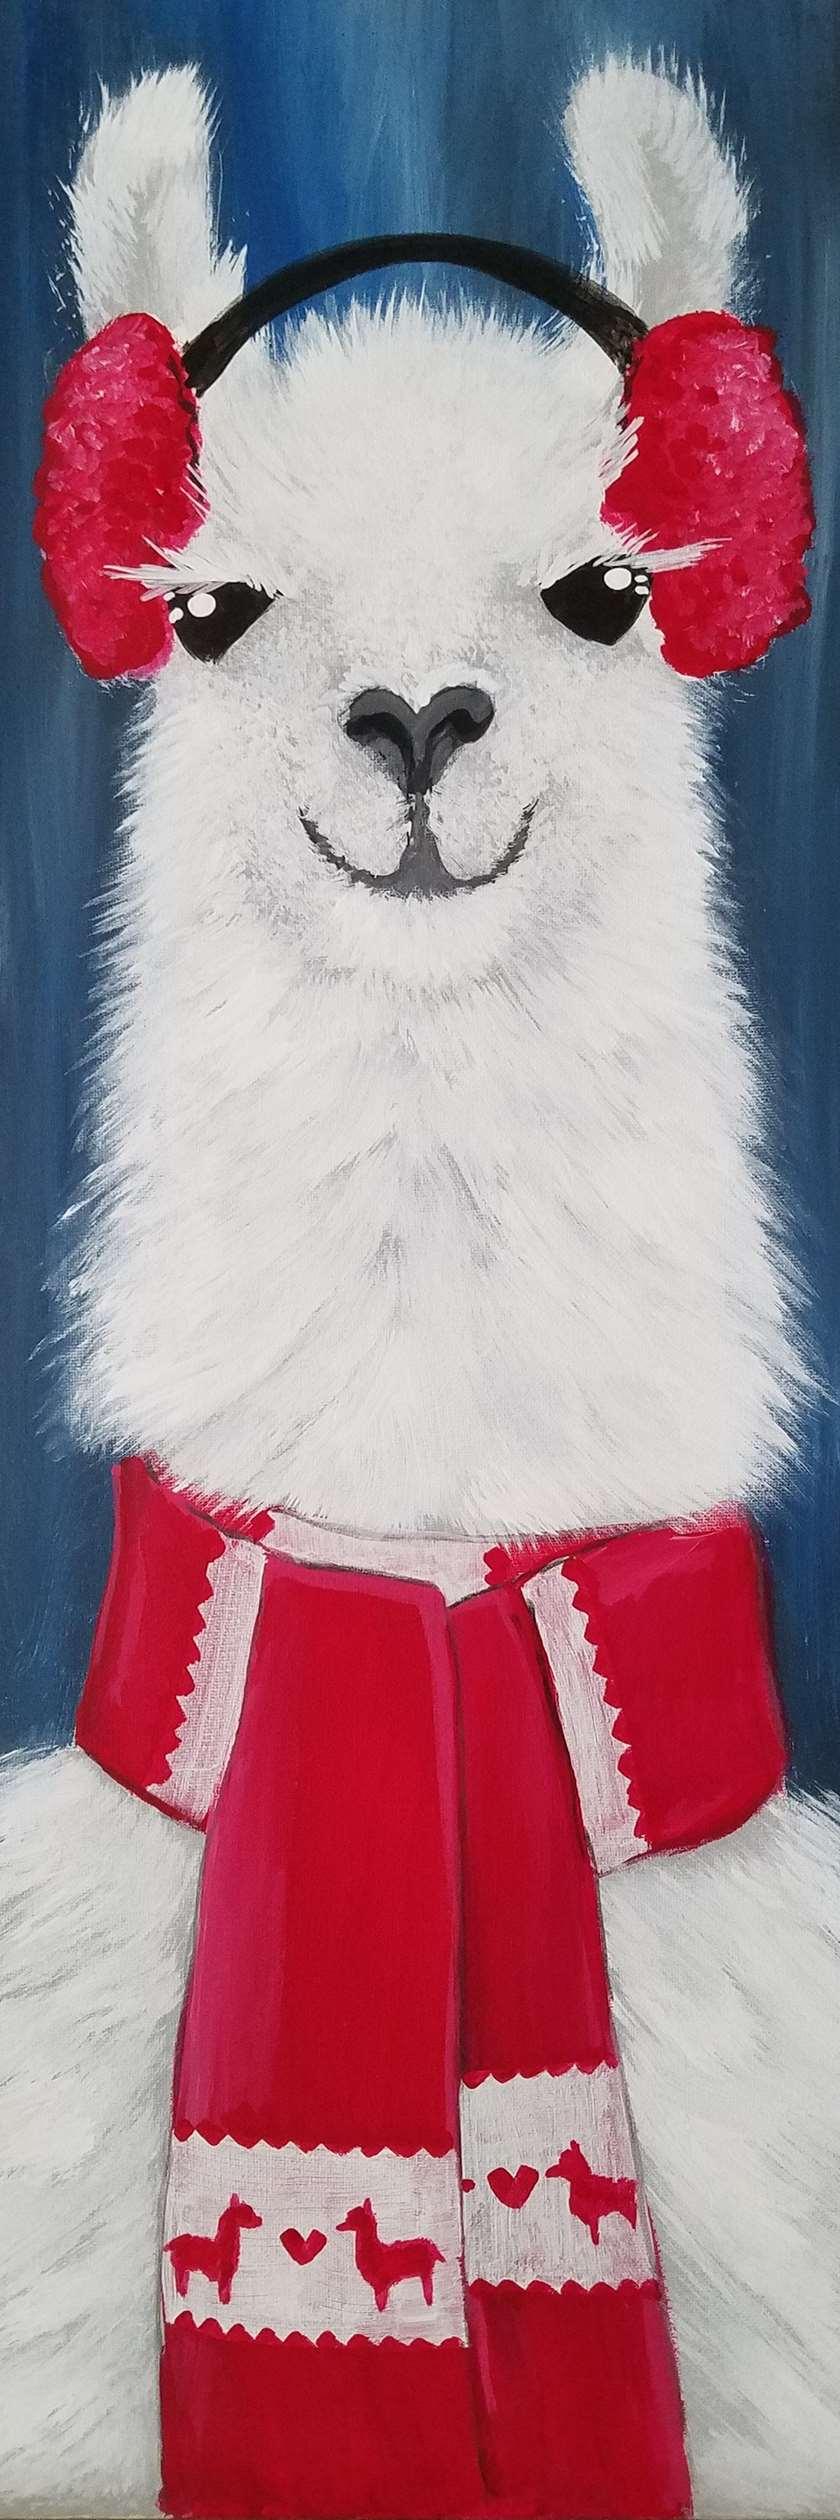 Cozy Llama